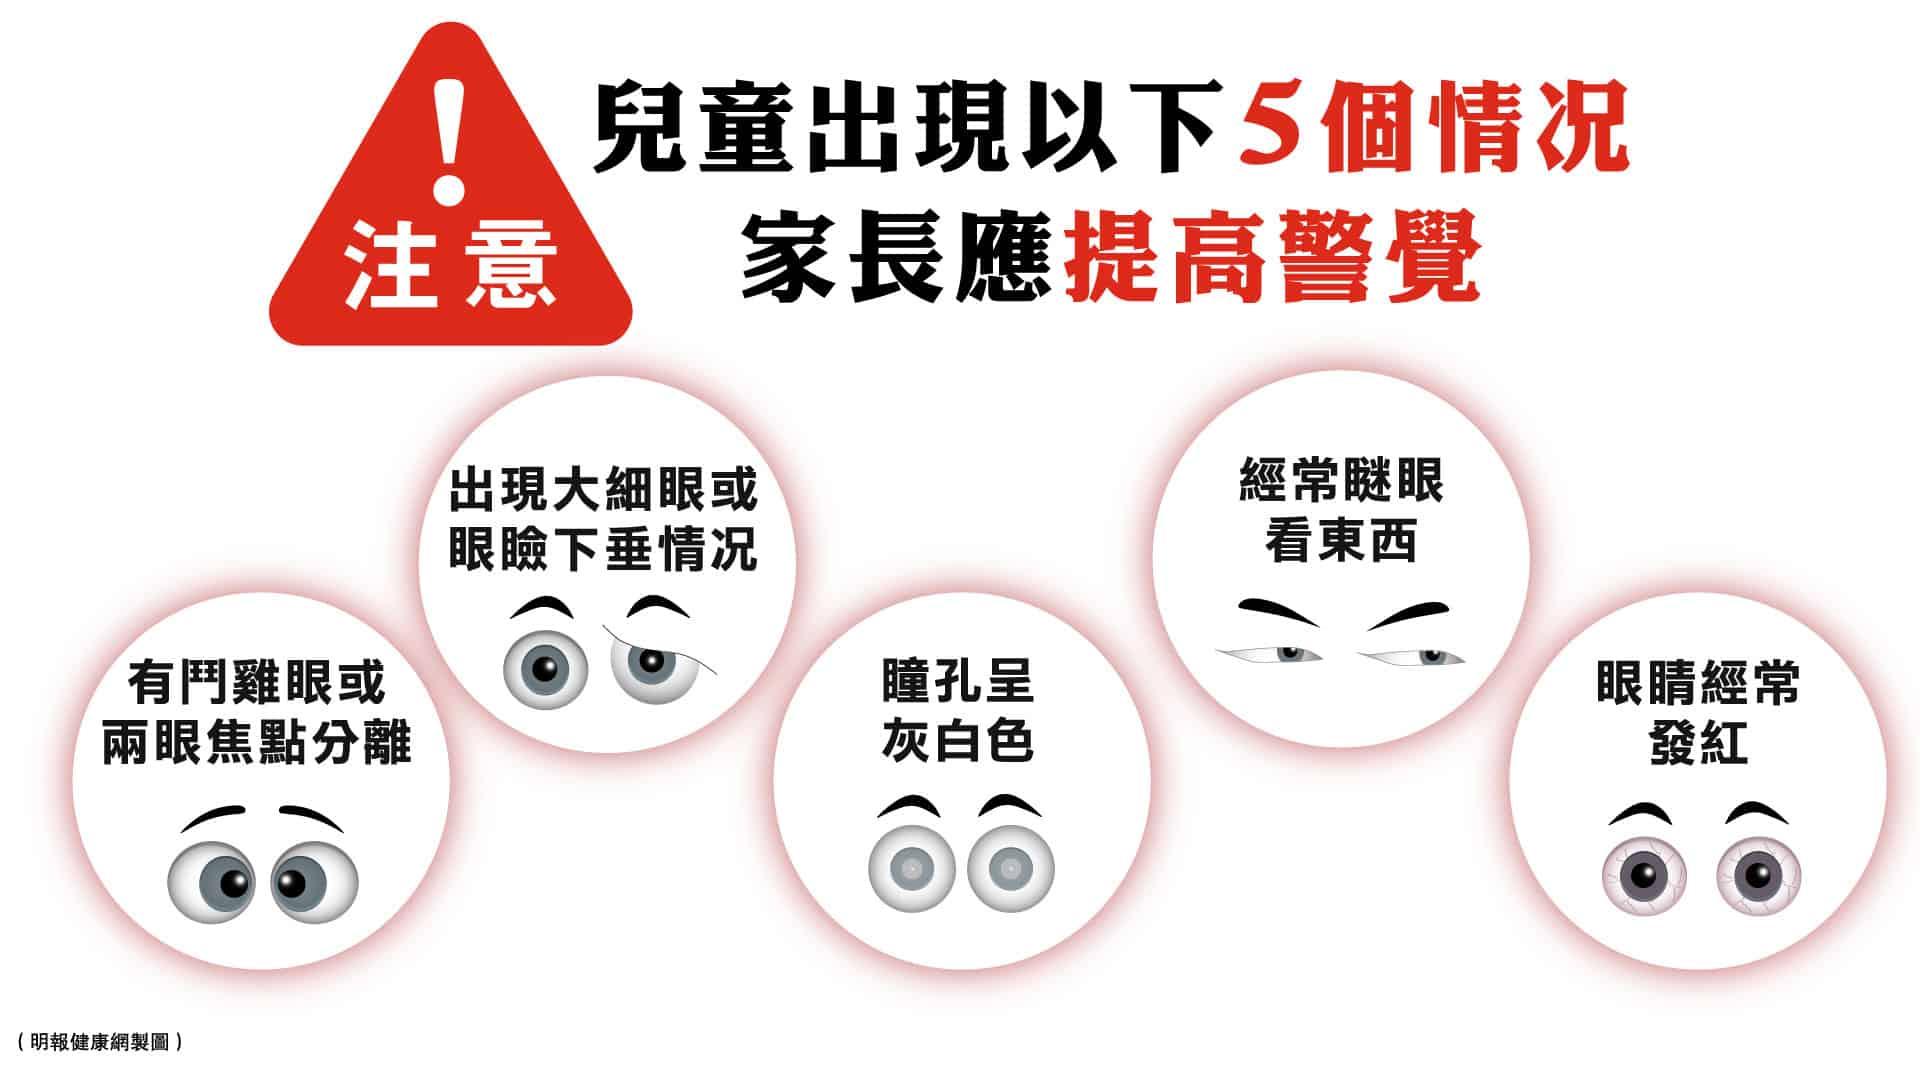 弱視和斜視是兒童常見的視力問題,若發現小朋友經常瞇眼看東西、眼睛發紅、出現大細眼等的5個情况,便要提高警覺。